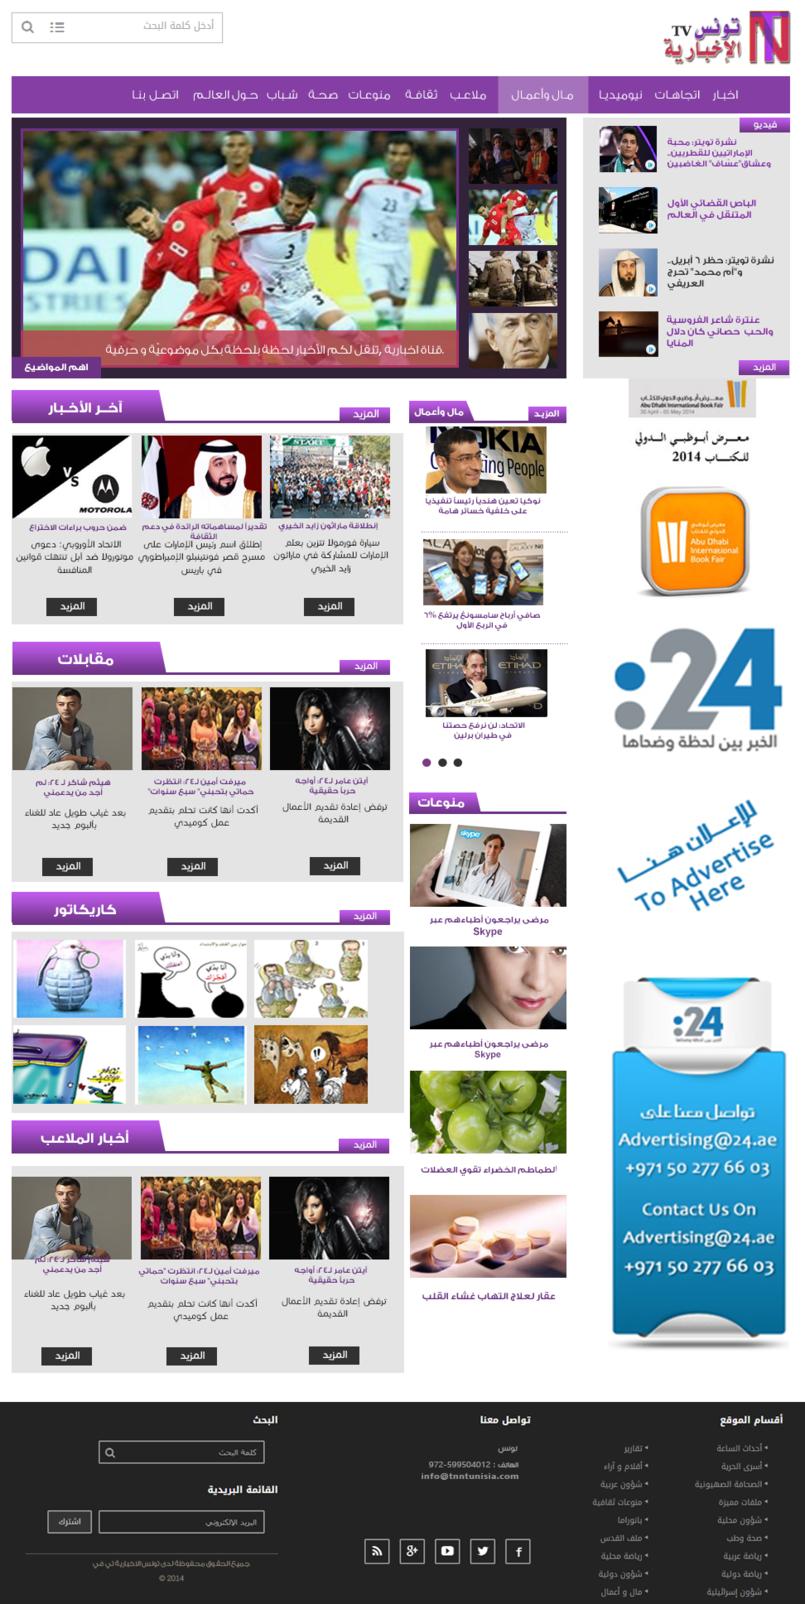 الواجهة الرئيسية : تصميم موقع اخبارية لتونس الاخبارية تي